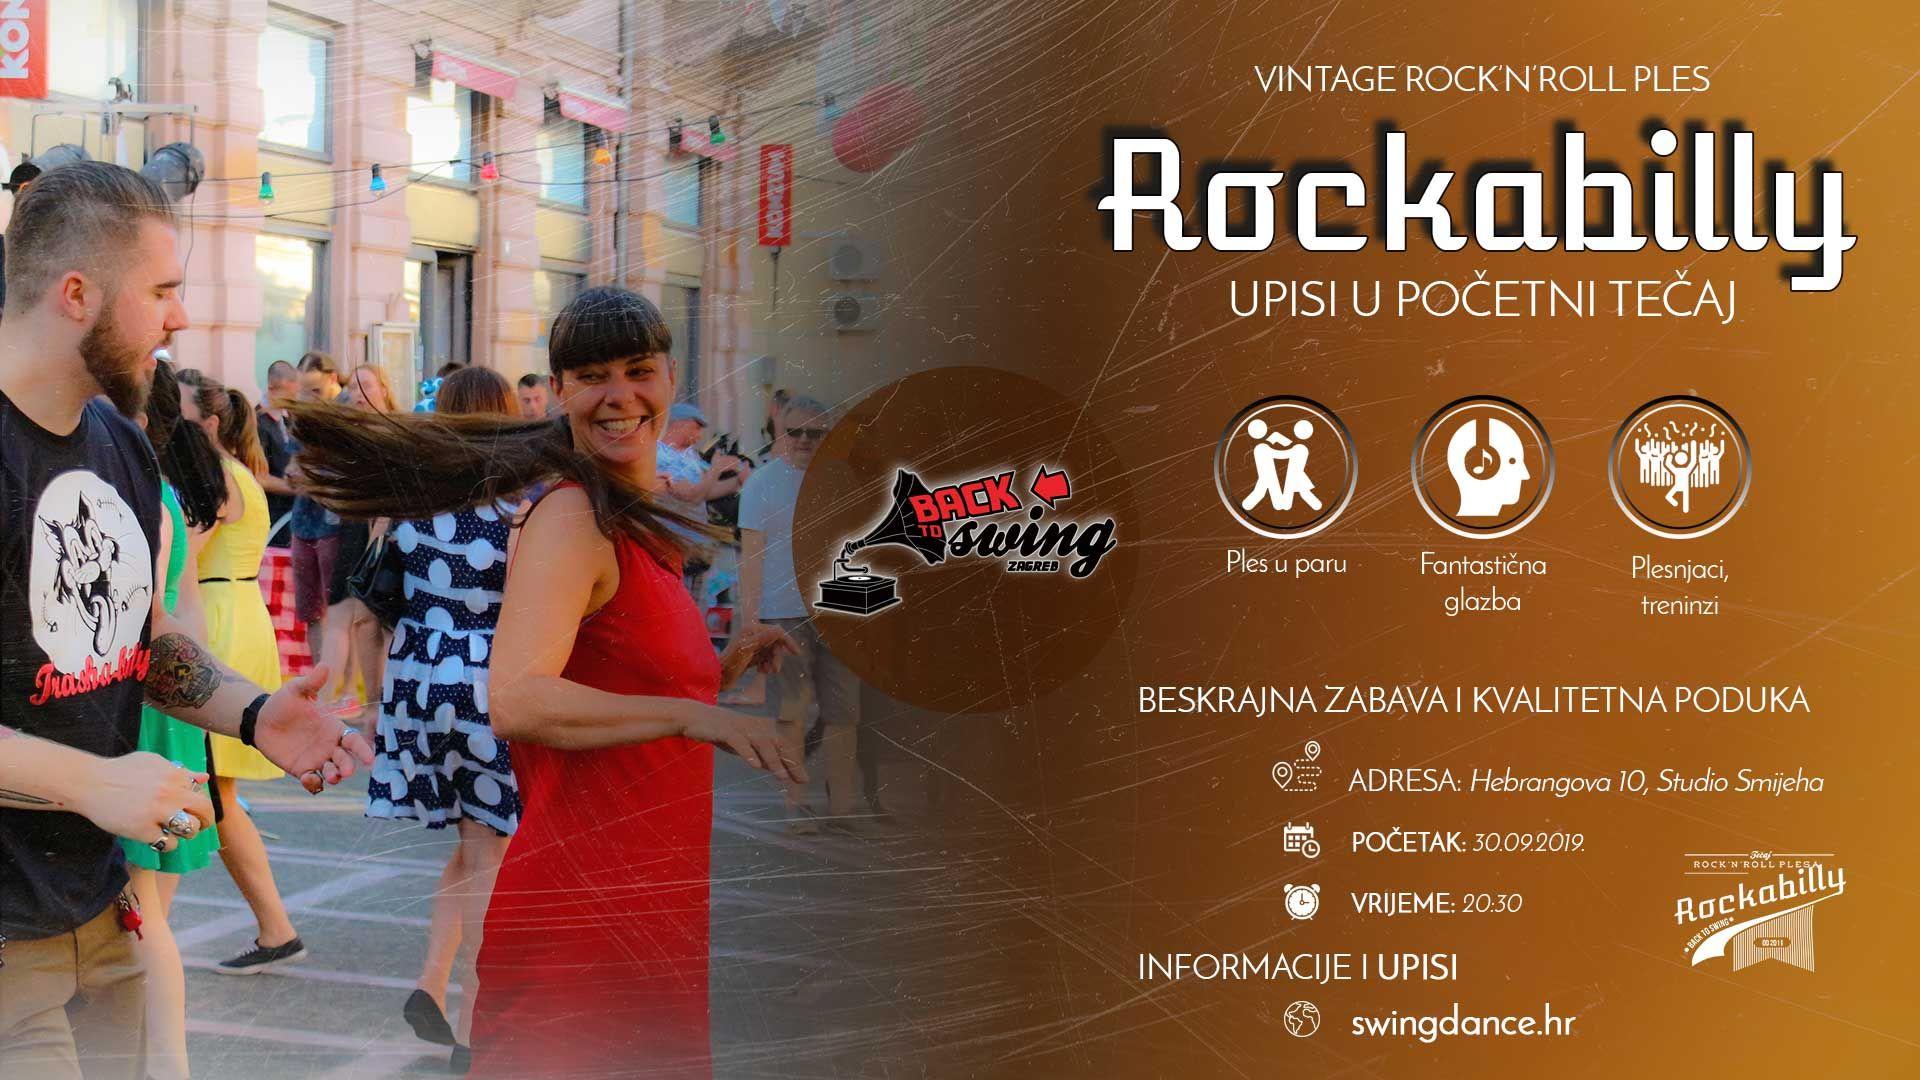 Pocetni Tecaj Rockabilly Plesa Upisi Novosti Lindy Hop Rockabilly Ako